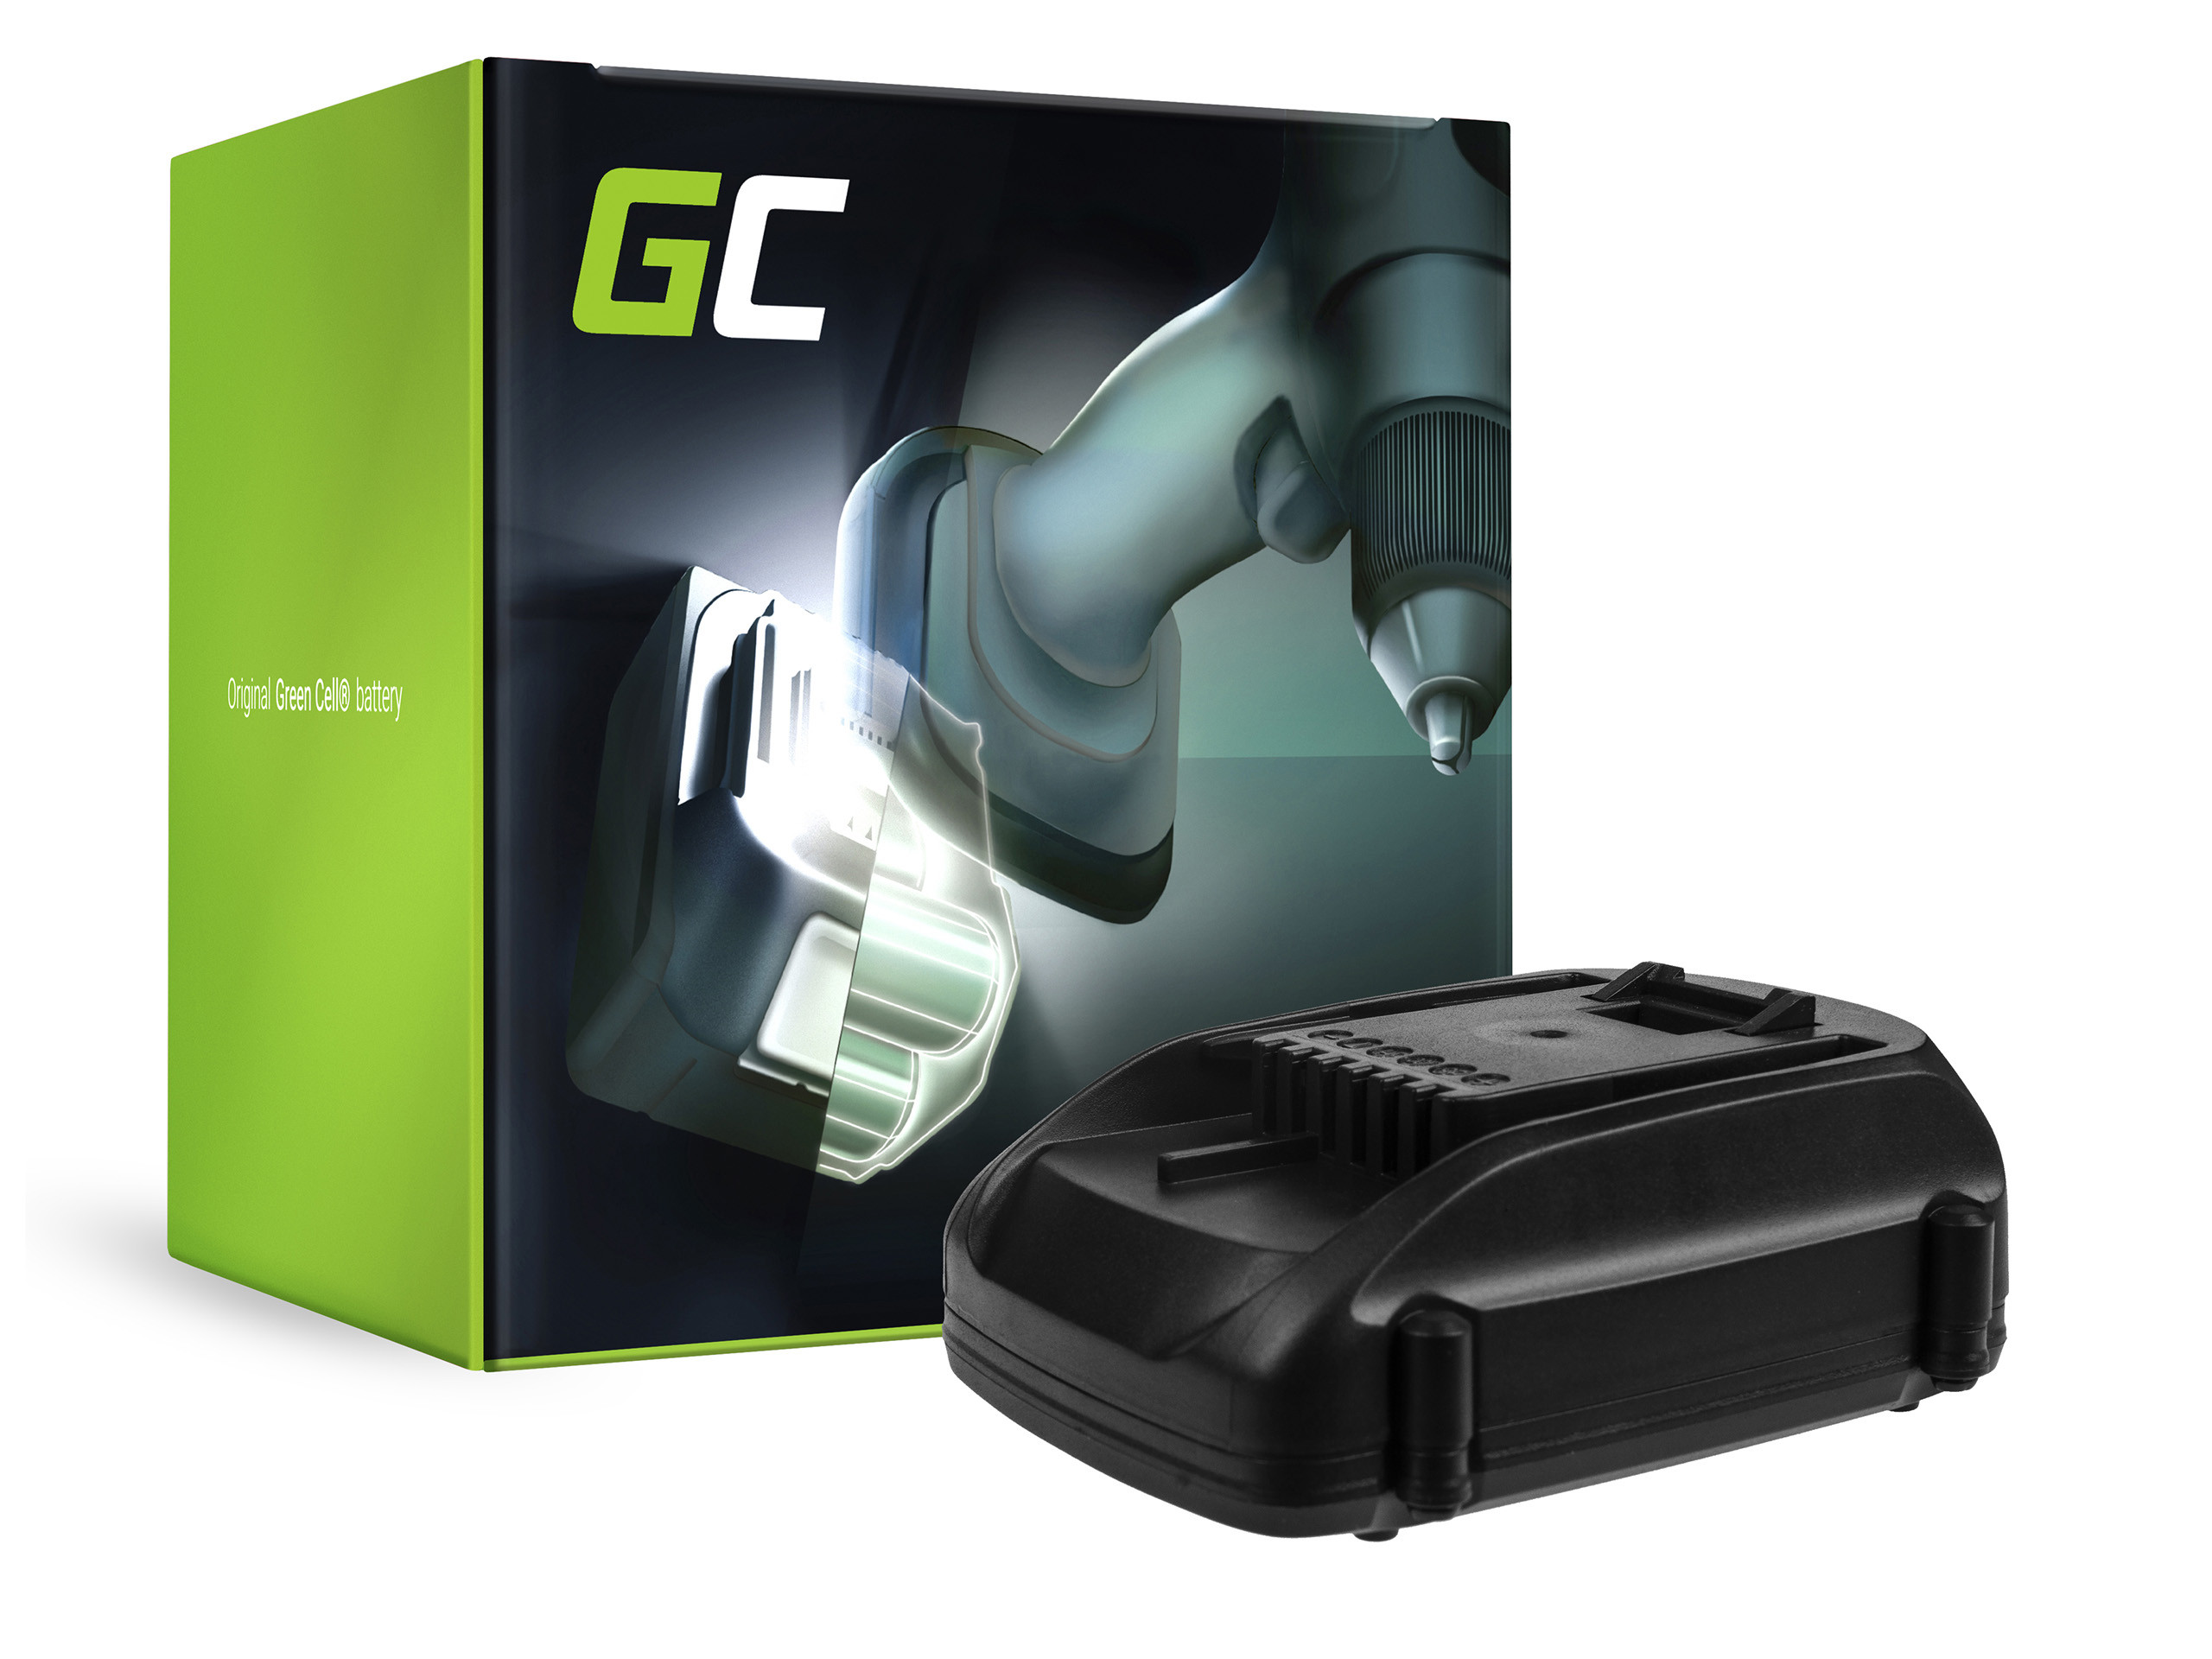 Baterie Green Cell WORX WA3511 WA3512 WA3516 WA3523 WG151 WG251 WG540 WU289 WU381 WX163 WX164 18V 2000mAh Li-ion - neoriginální